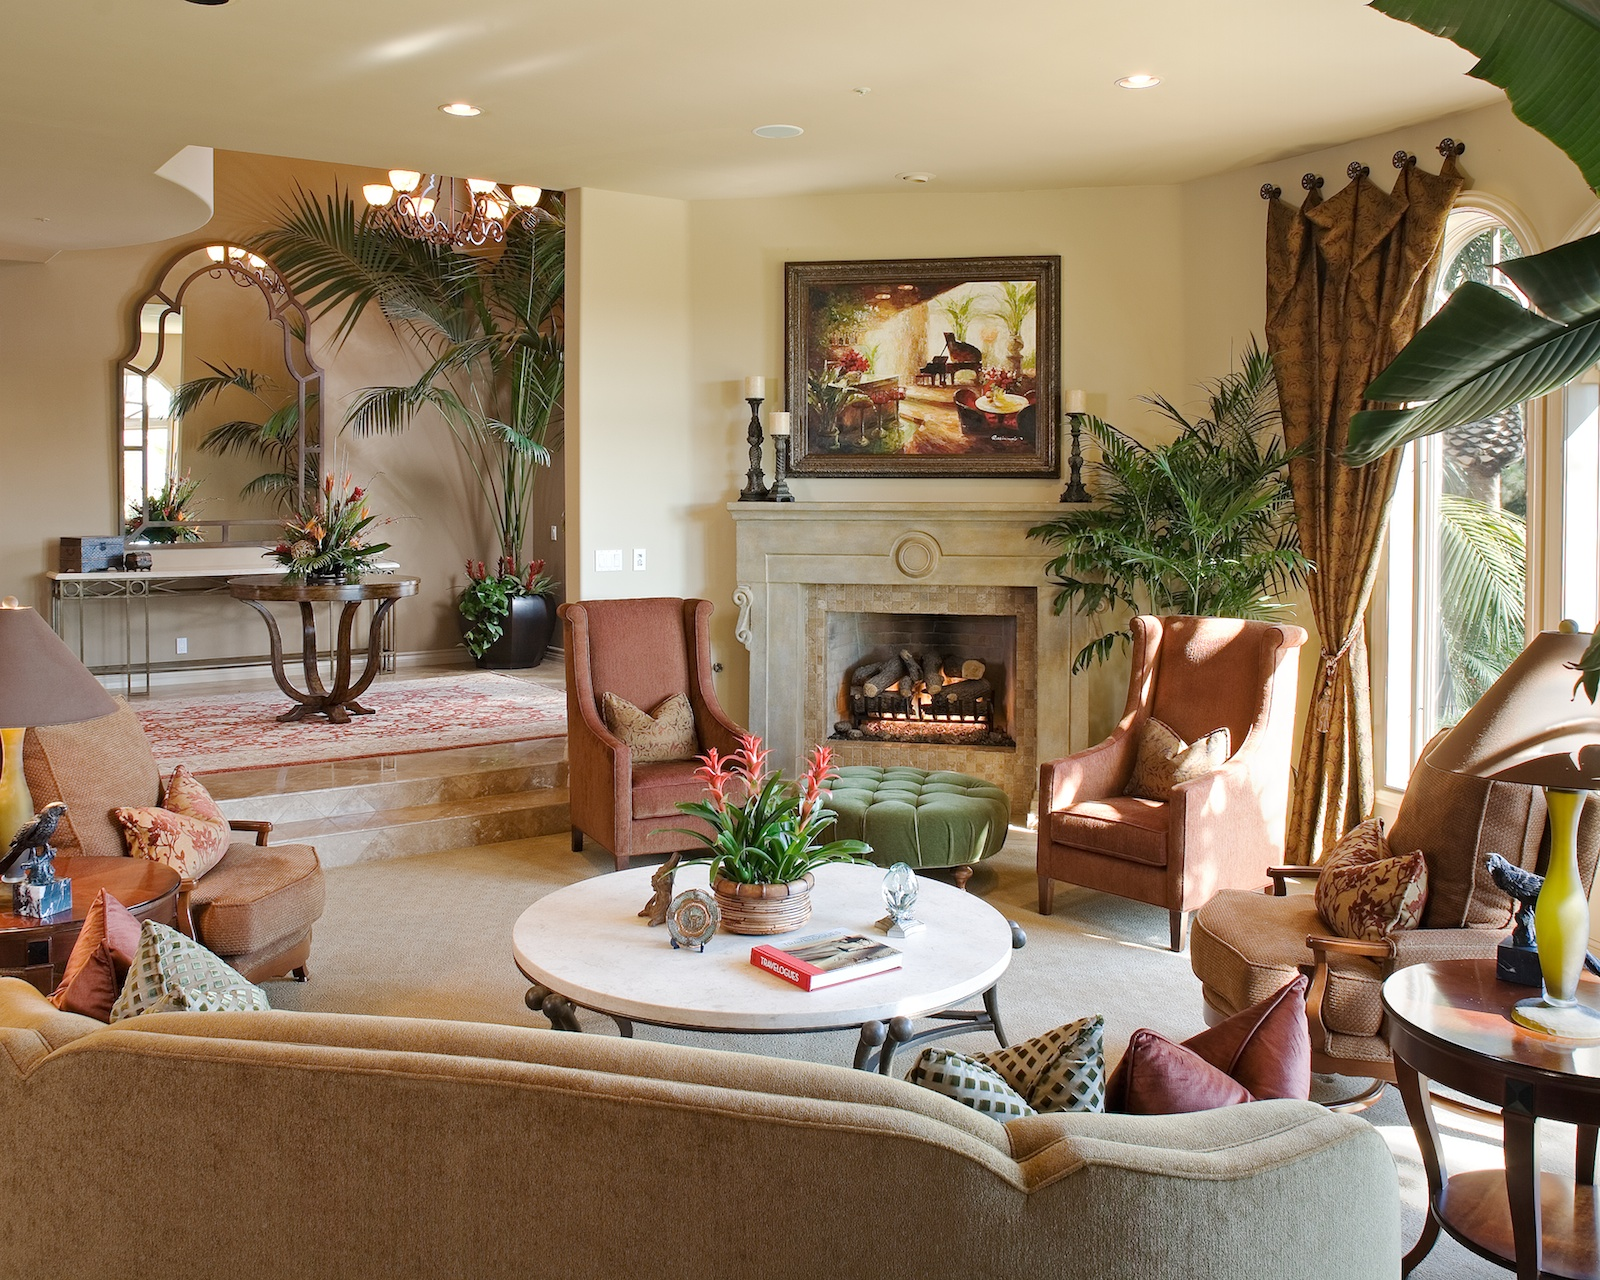 Santa fe home interior design home design and style for Santa fe home design